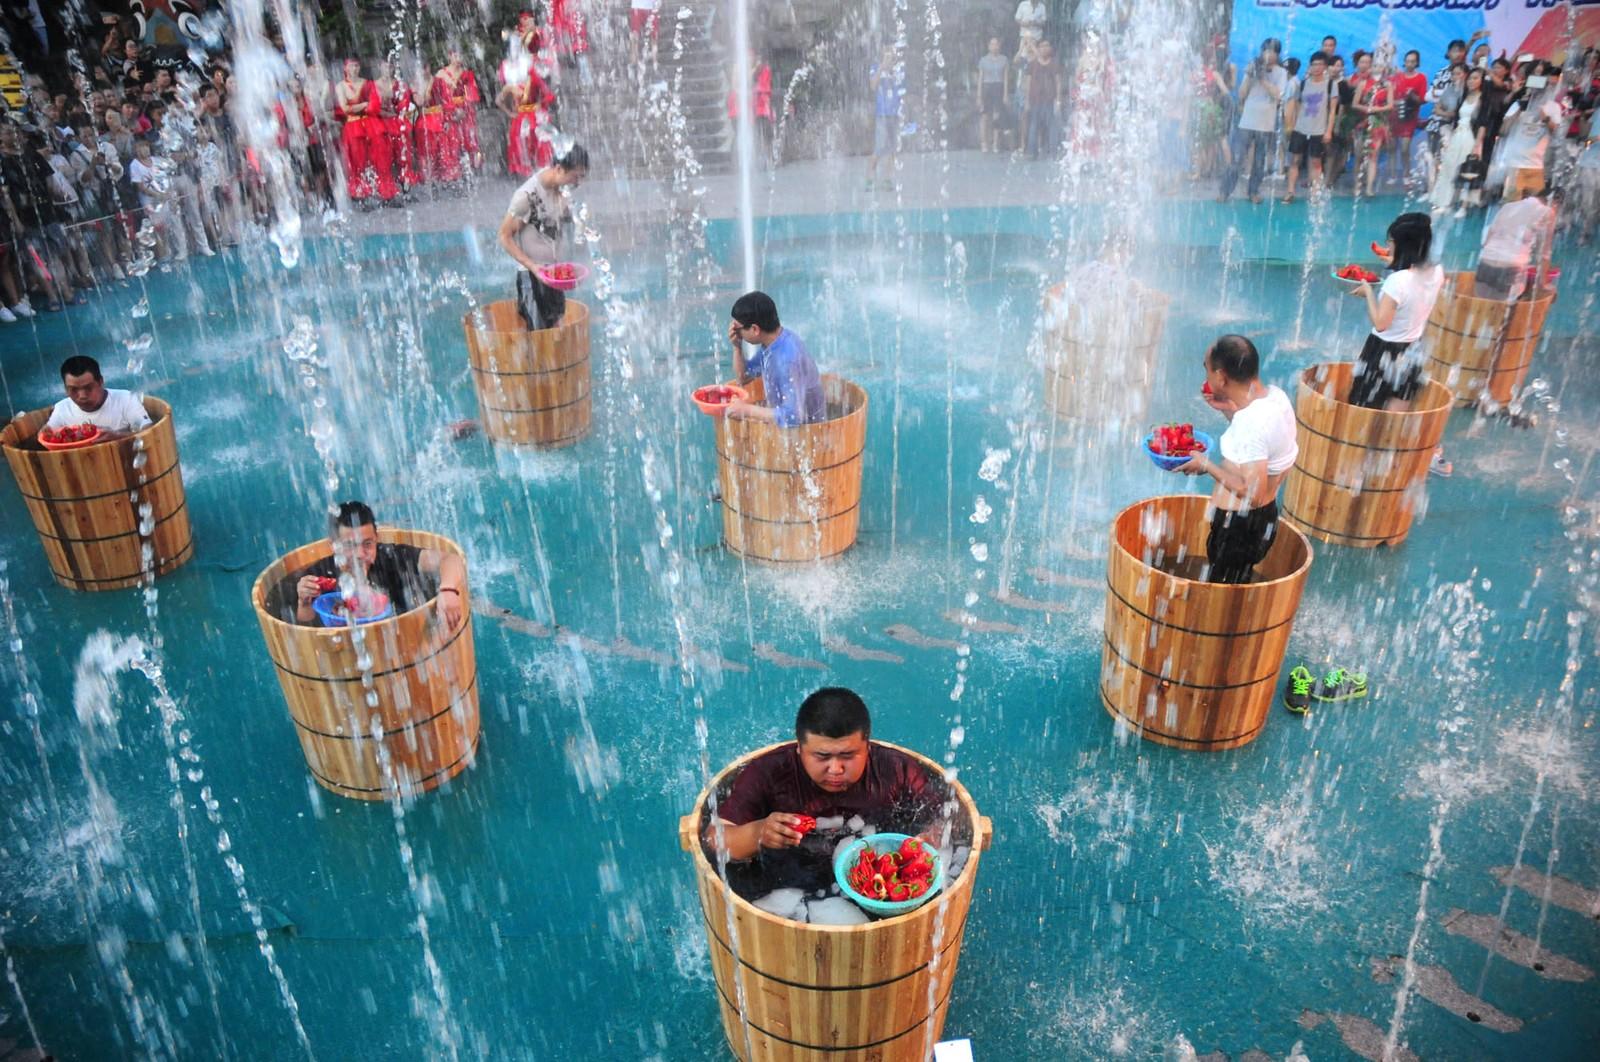 Ja, hvorfor ikke? Dette er deltakere i en chilispisekonkurranse som blir badet i iskaldt vann. Bildet er tatt den 20. juli i Hángzhōu i Kina.